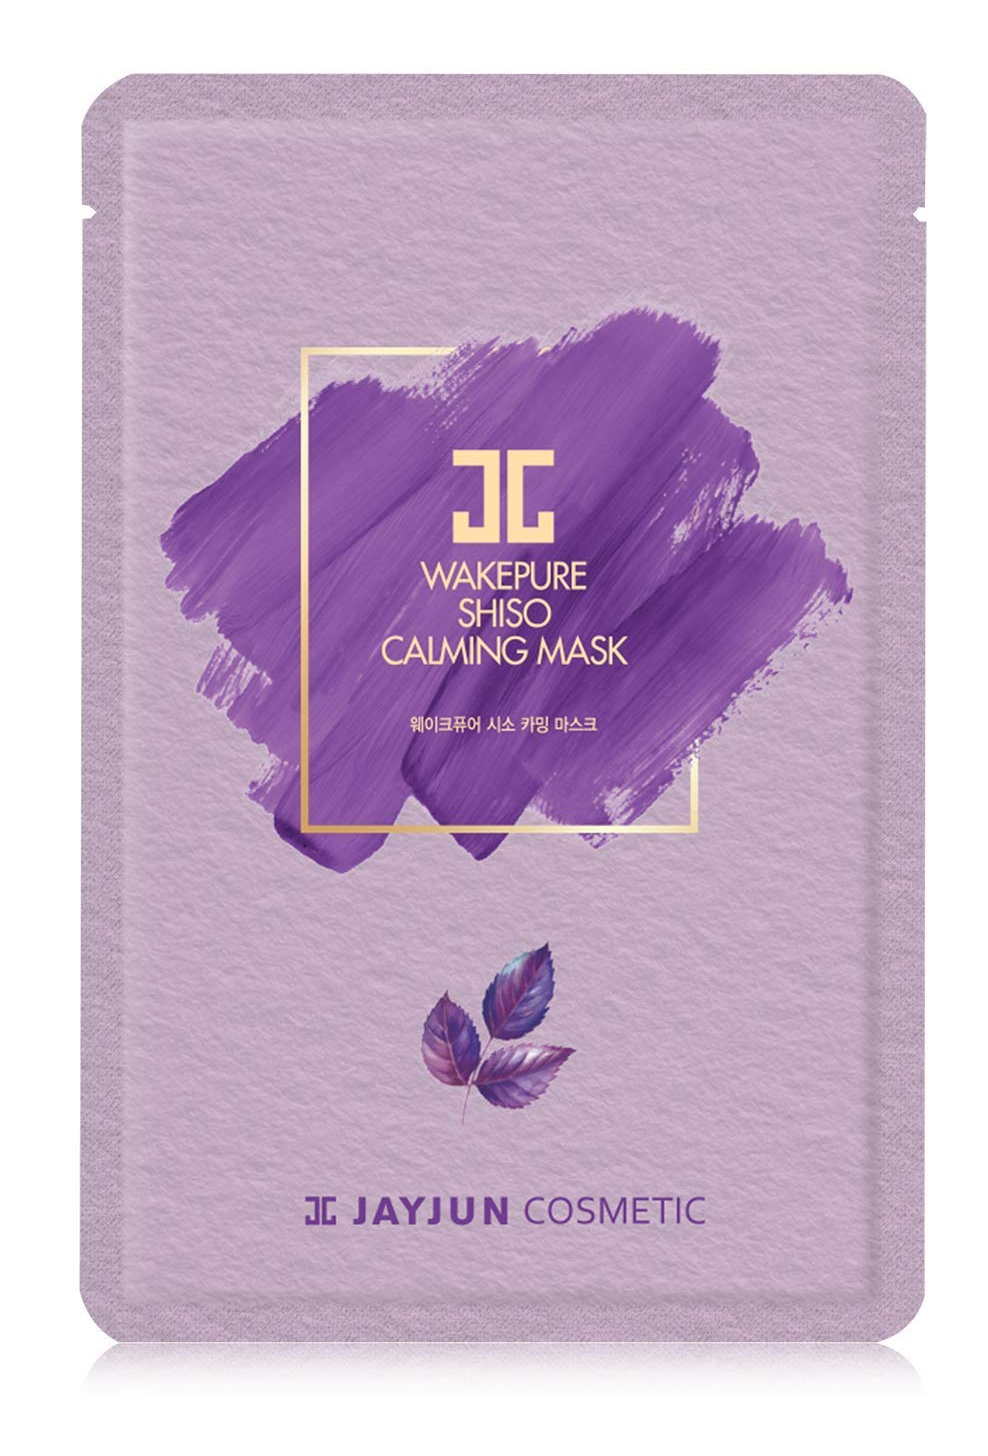 Jayjun Cosmetic Wakepure Shiso Calming Mask